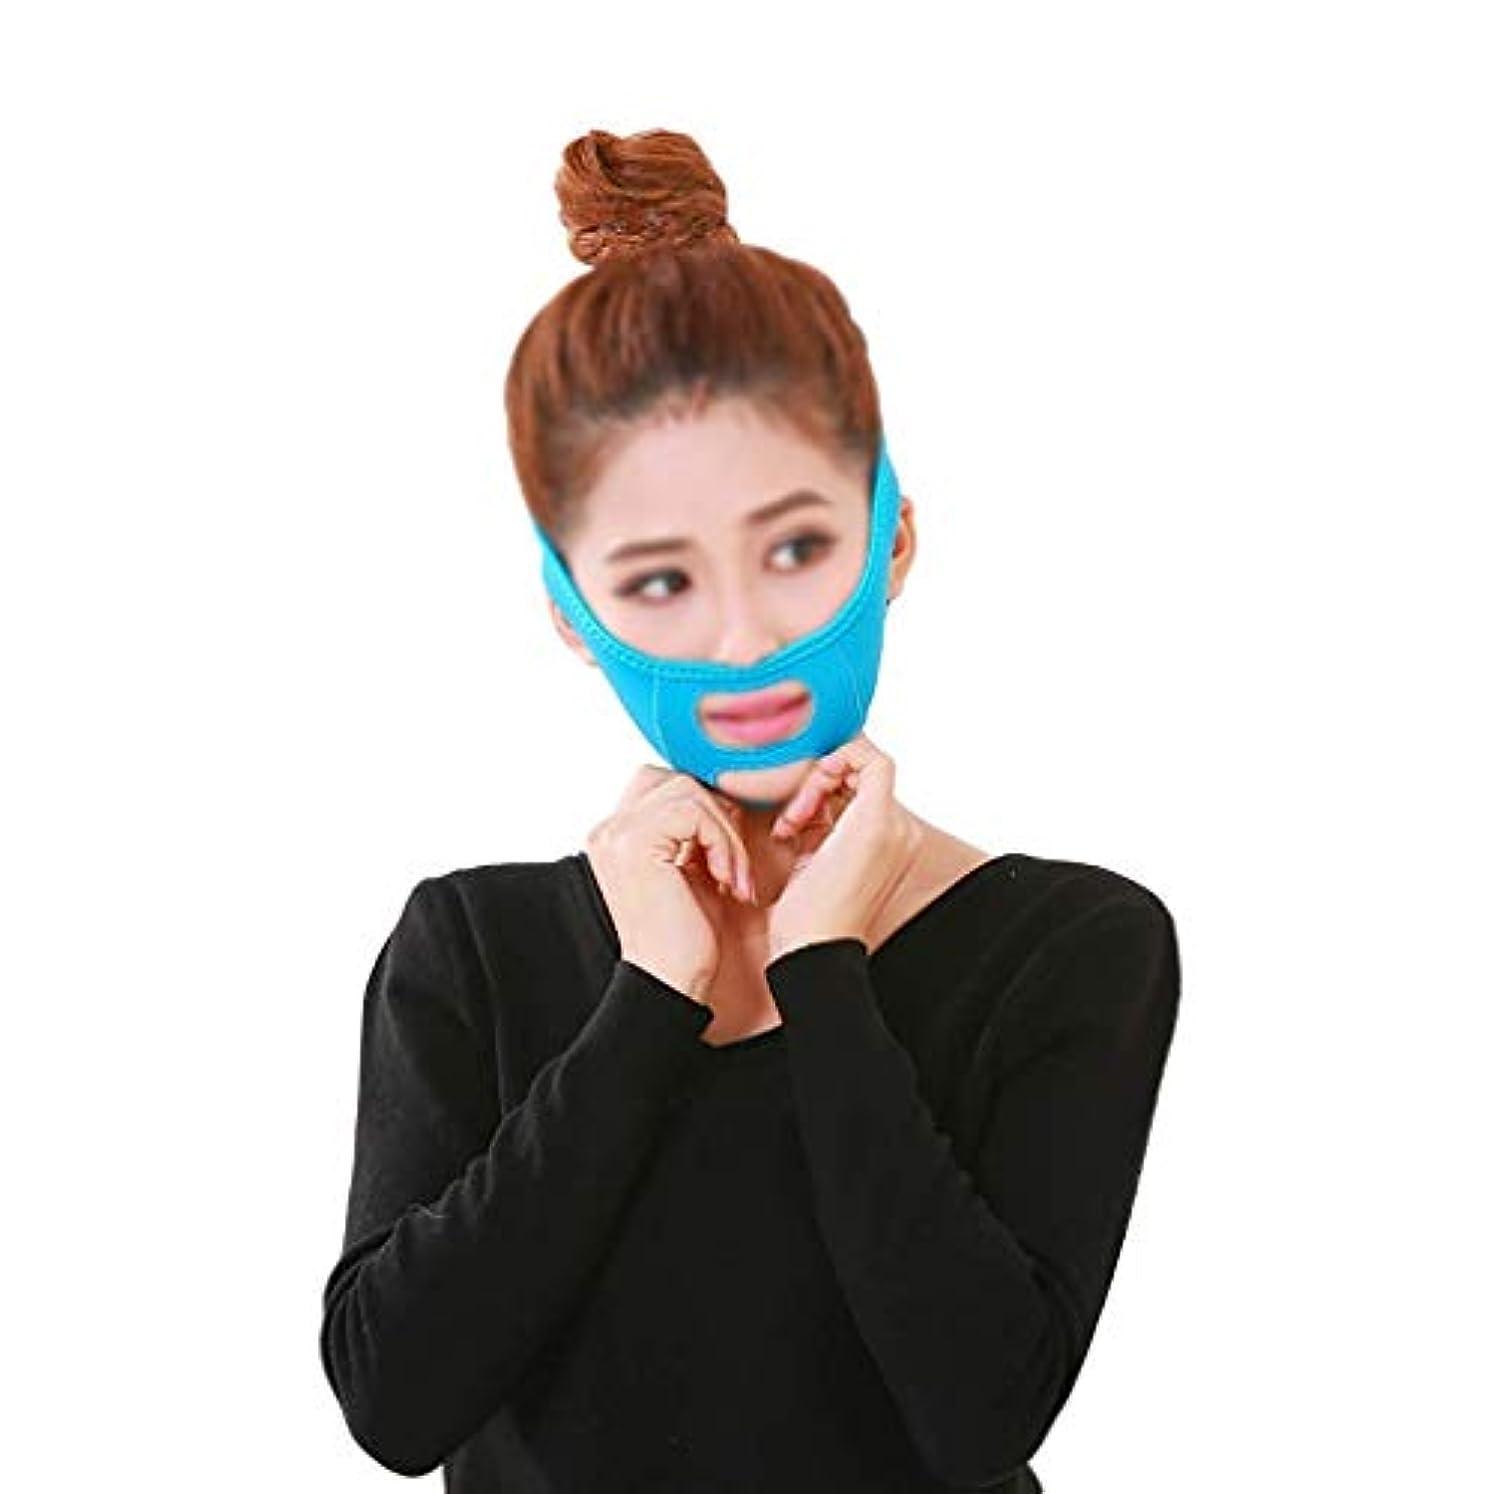 振るバージンつばフェイスリフトフェイシャル、肌のリラクゼーションを防ぐためのタイトなVフェイスマスクVフェイスアーティファクトフェイスリフトバンデージフェイスケア(色:青)